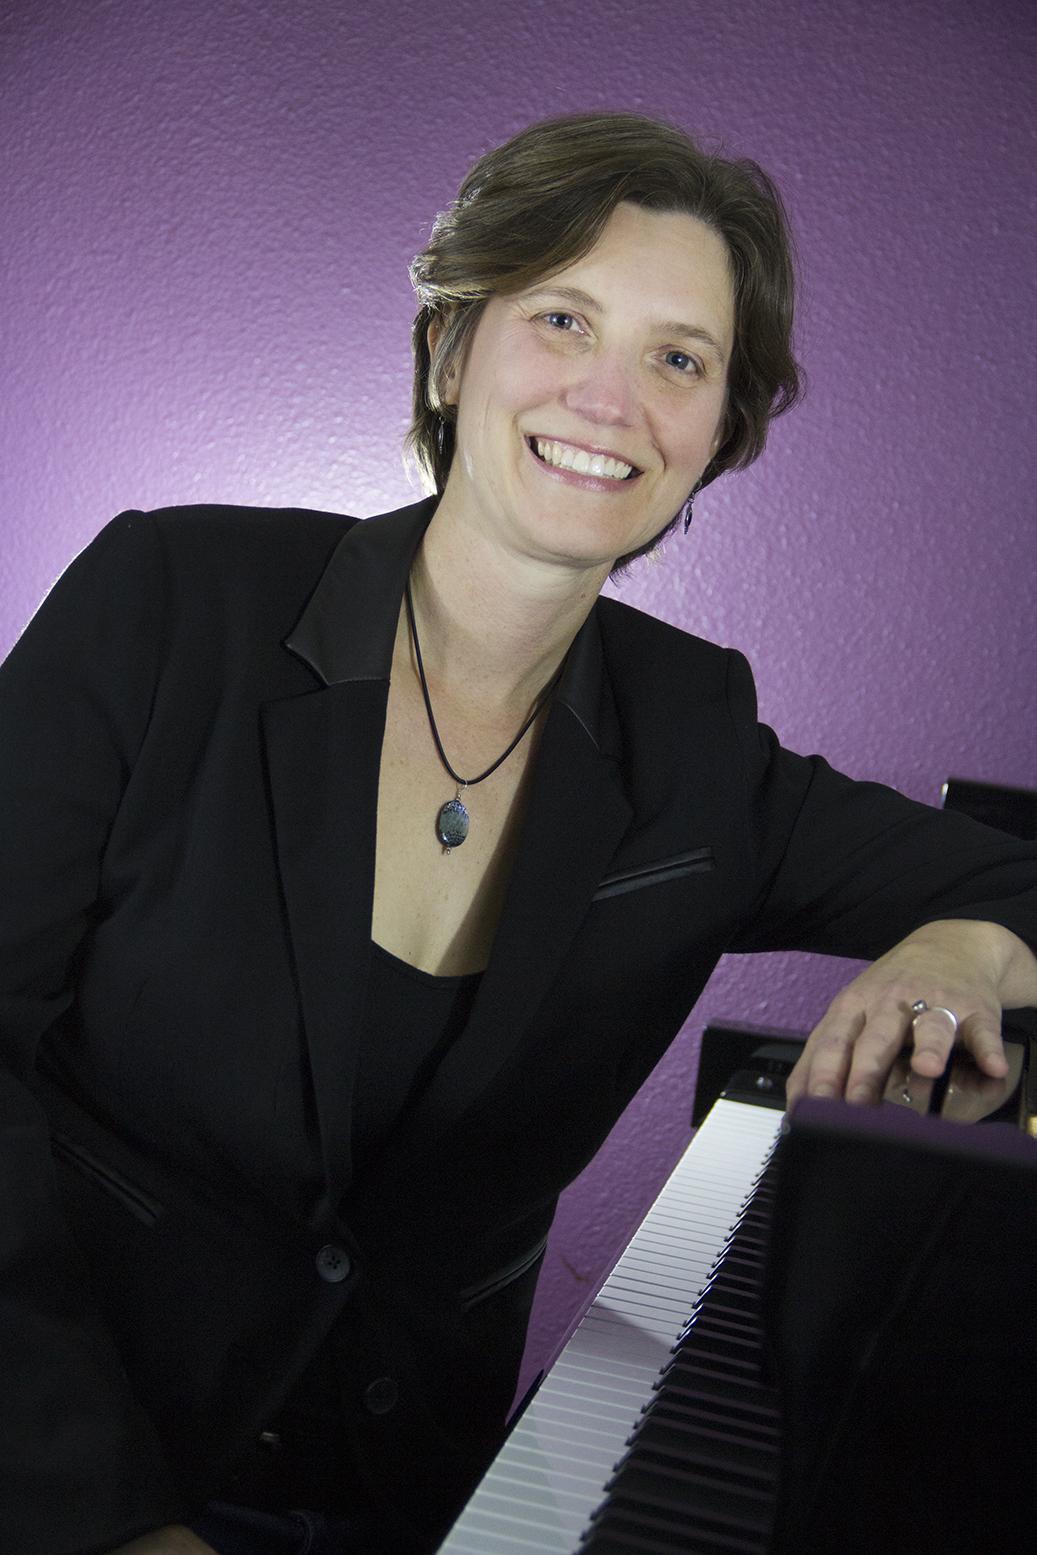 Kari Engleson